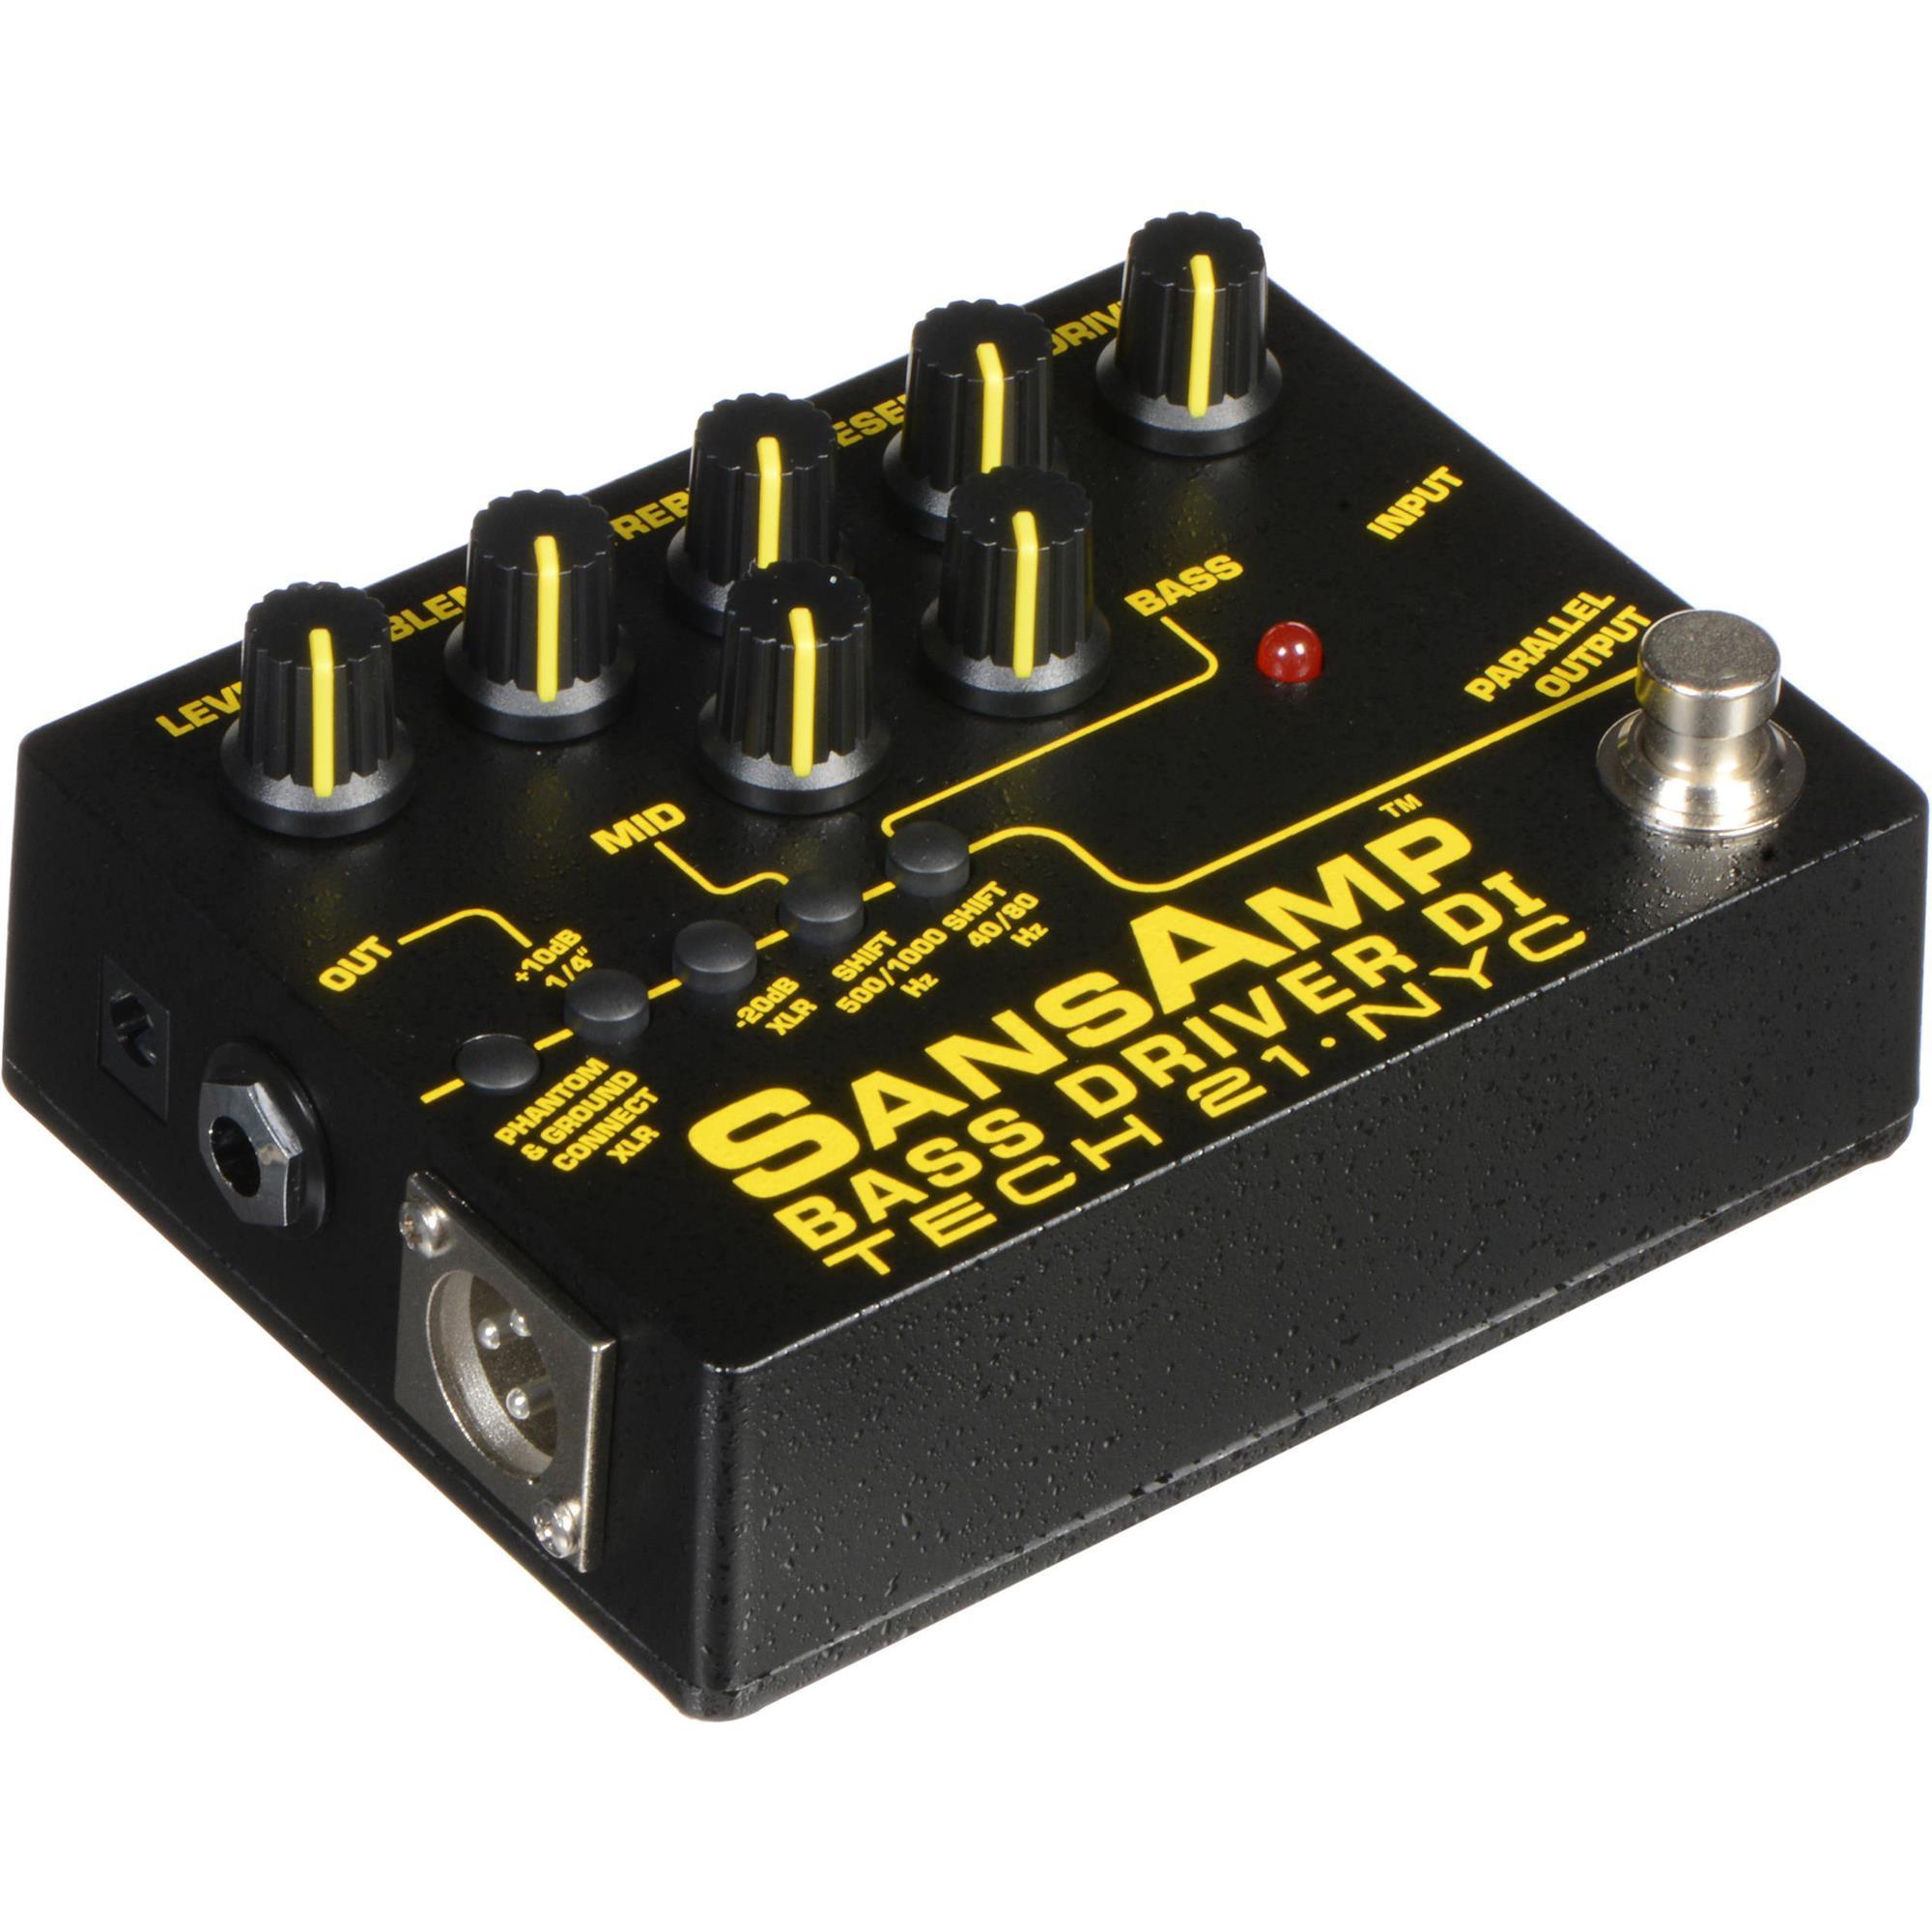 Tech21-SansAmp-Bass-Driver-DI-v2-preamplificatore-a-pedale-per-basso-sku-2150265712004